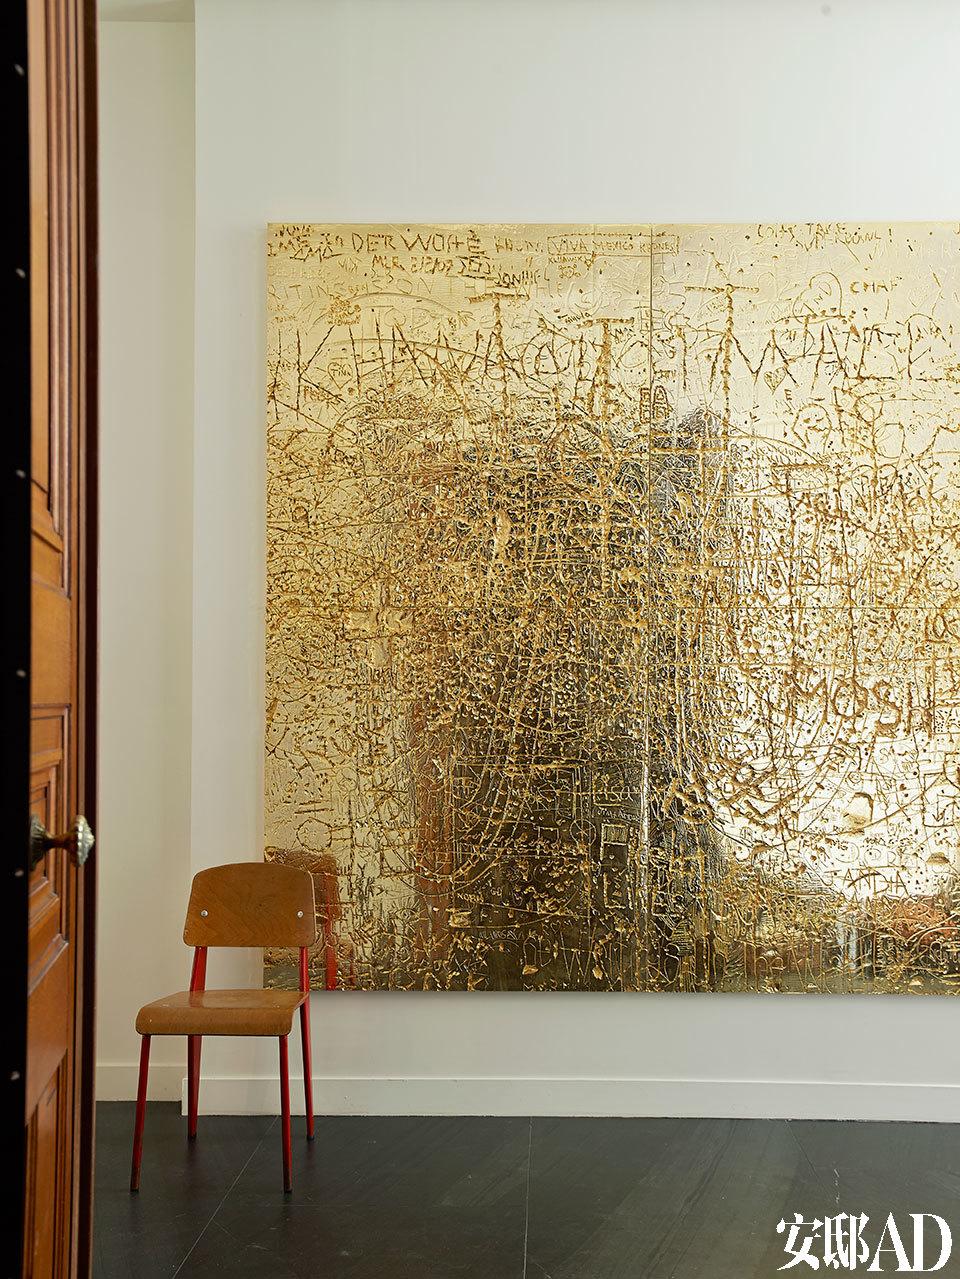 """主人将自己的家称作""""建筑中的贵族"""",画作就仿佛是这位贵族身上十分重要的装饰品。这幅Rudolph Stingel于2012年创作的艺术品为镀锌铸铜材质,在入口处欢迎着到访的宾客。它的左下角摆着一把Jean Prouvé设计的原版Standard椅。"""